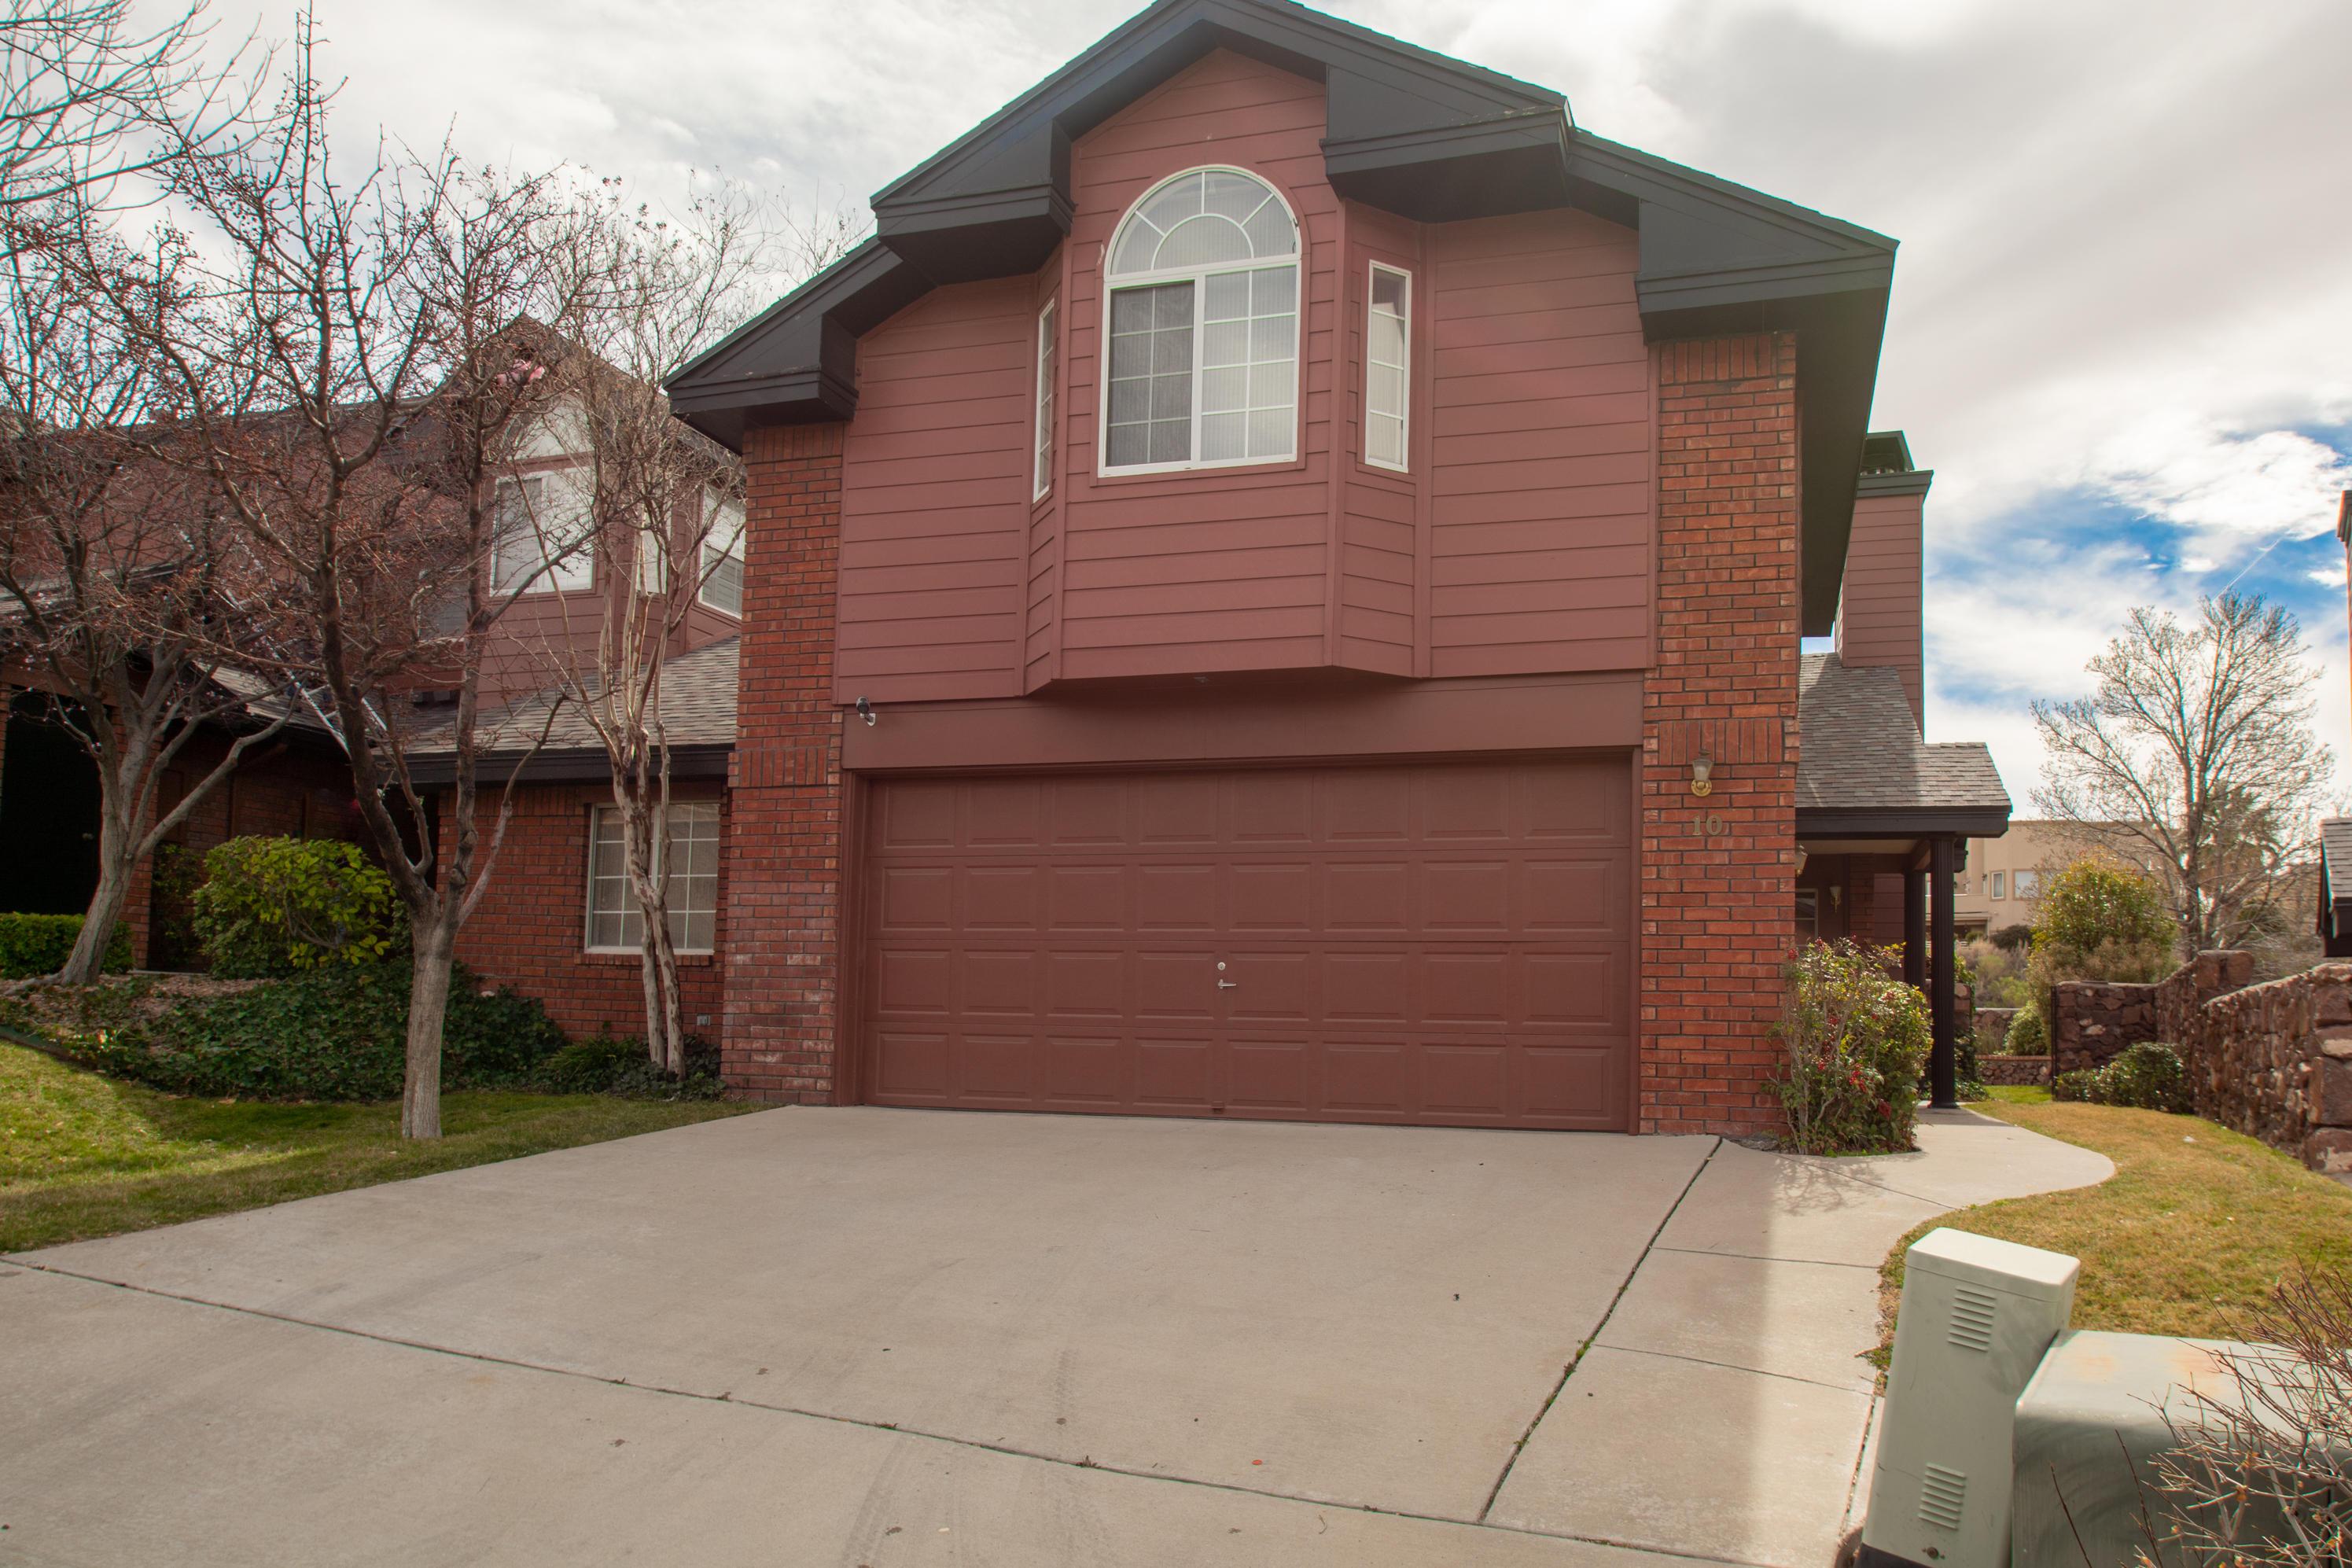 10 Williamsburg, El Paso, Texas 79912, 3 Bedrooms Bedrooms, ,3 BathroomsBathrooms,Residential,For sale,Williamsburg,803621